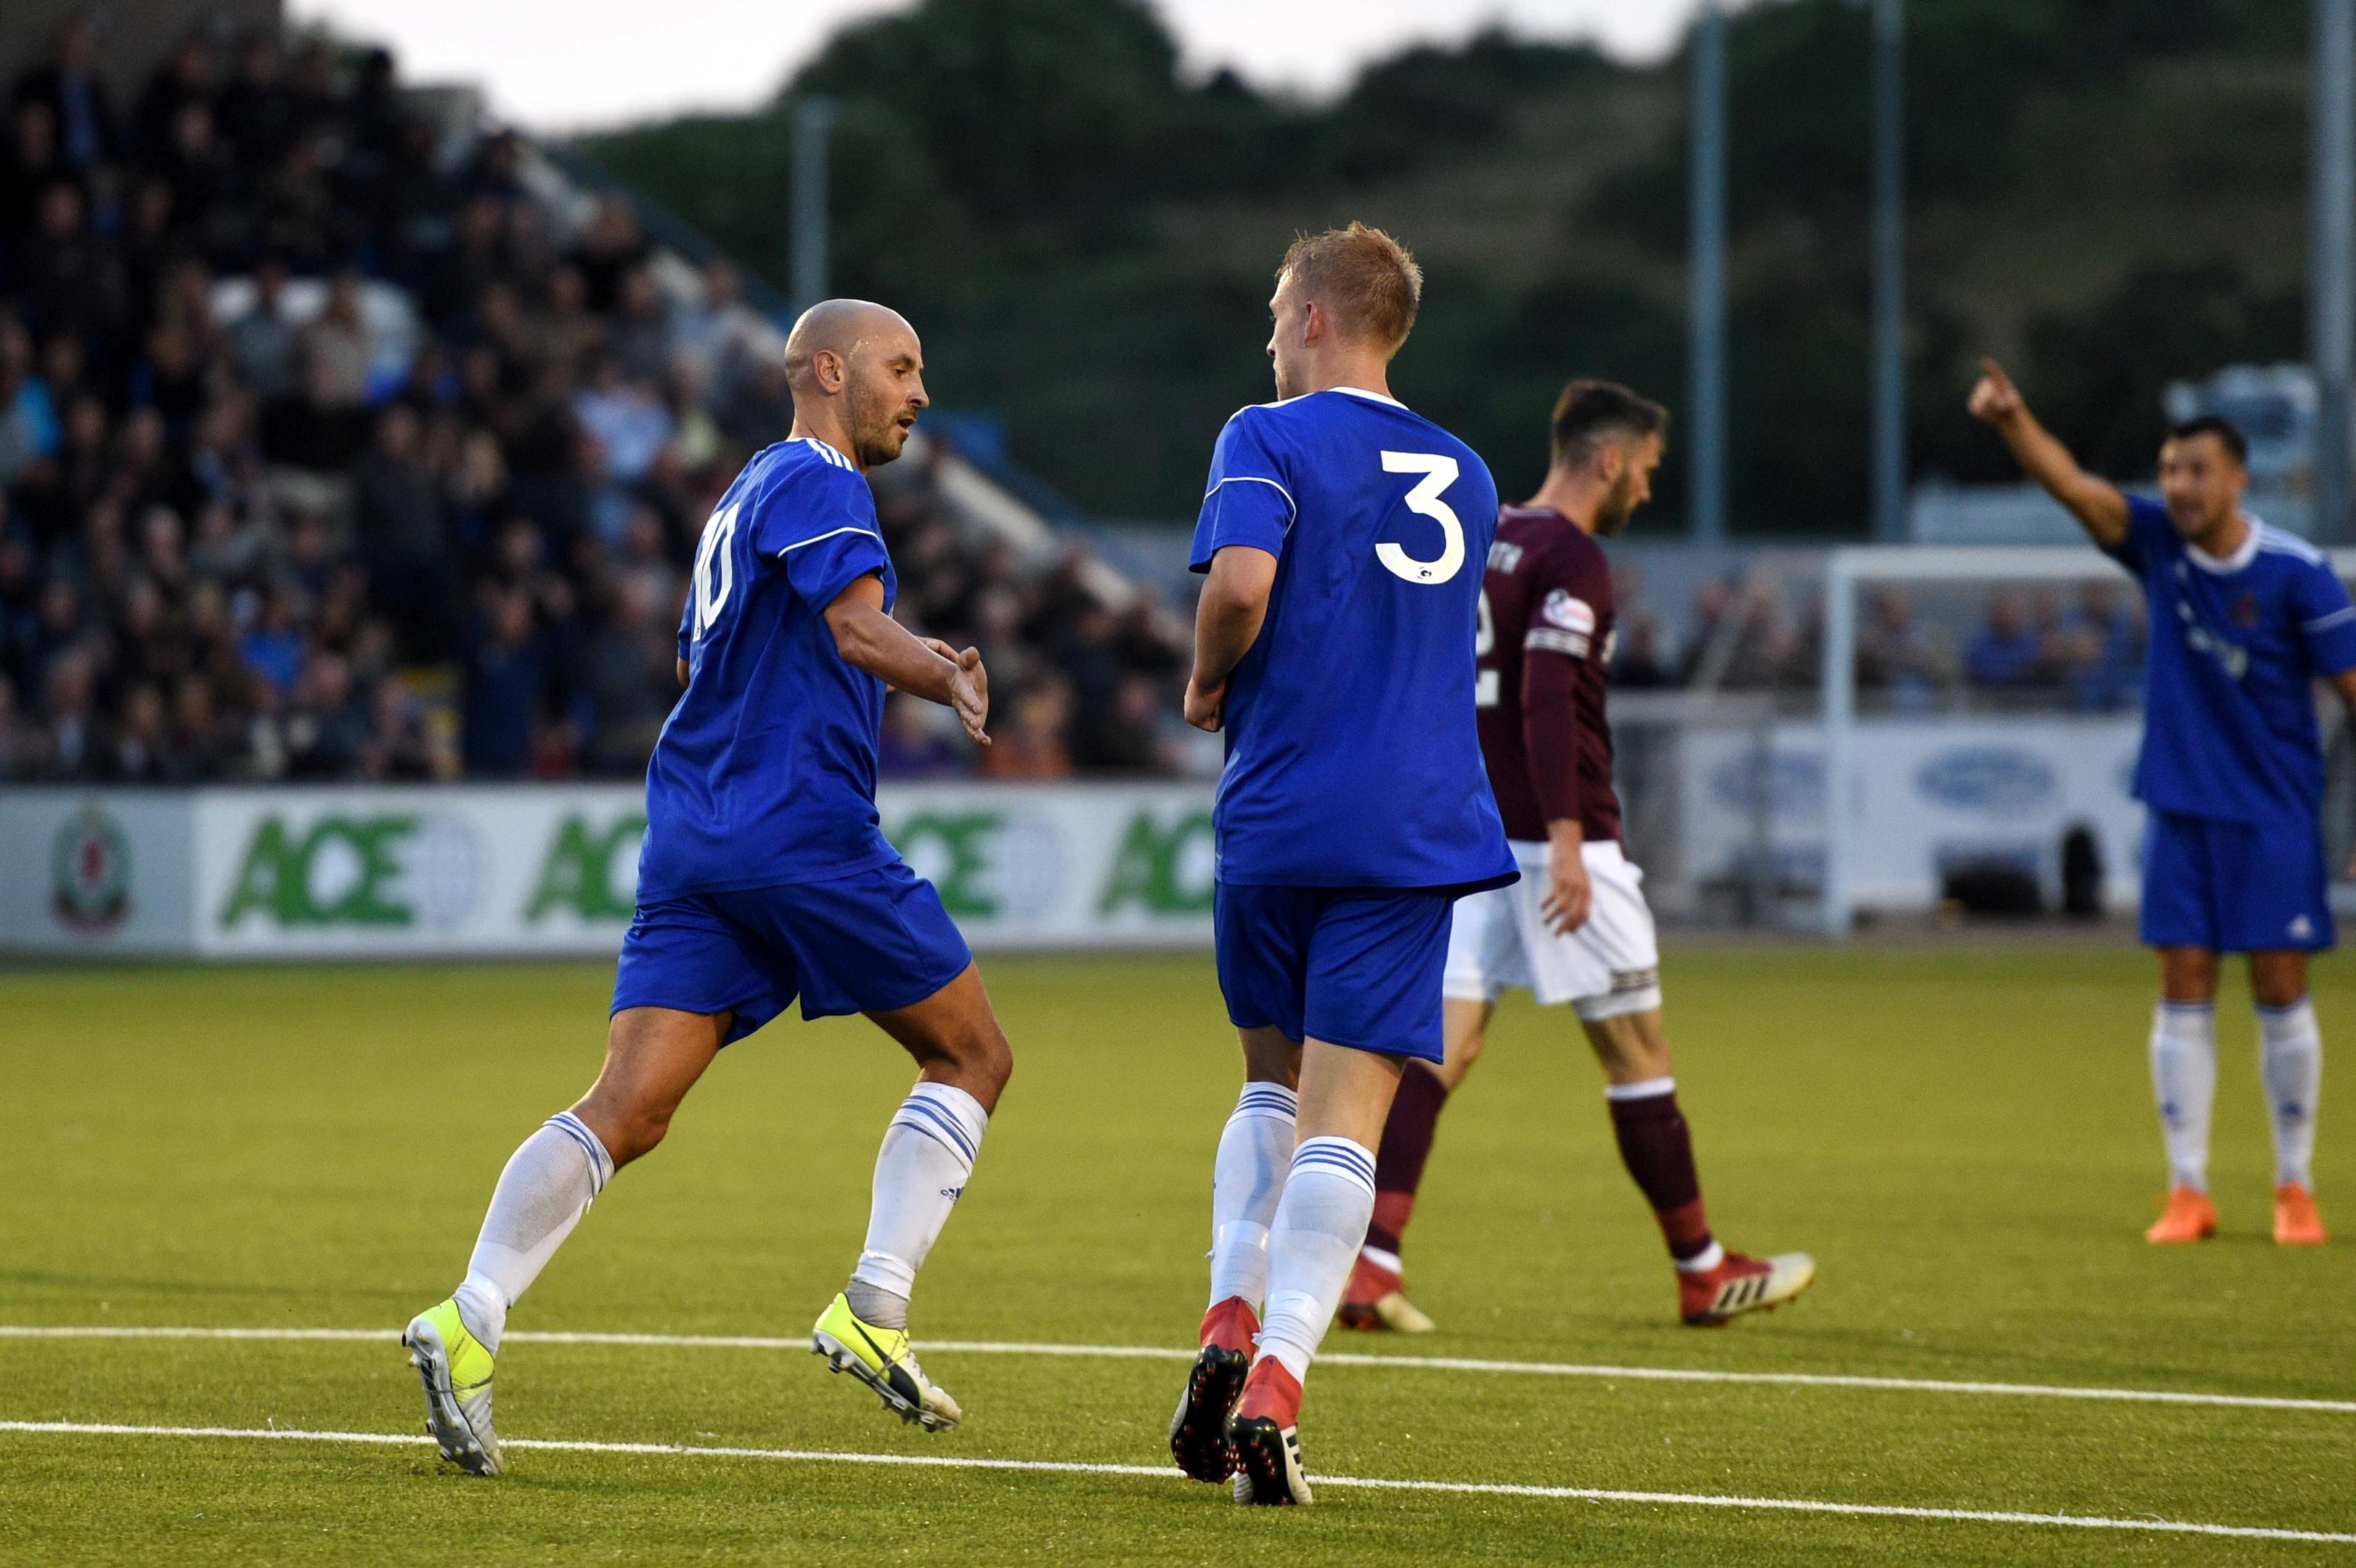 Paul McManus (left) celebrates scoring against Hearts.